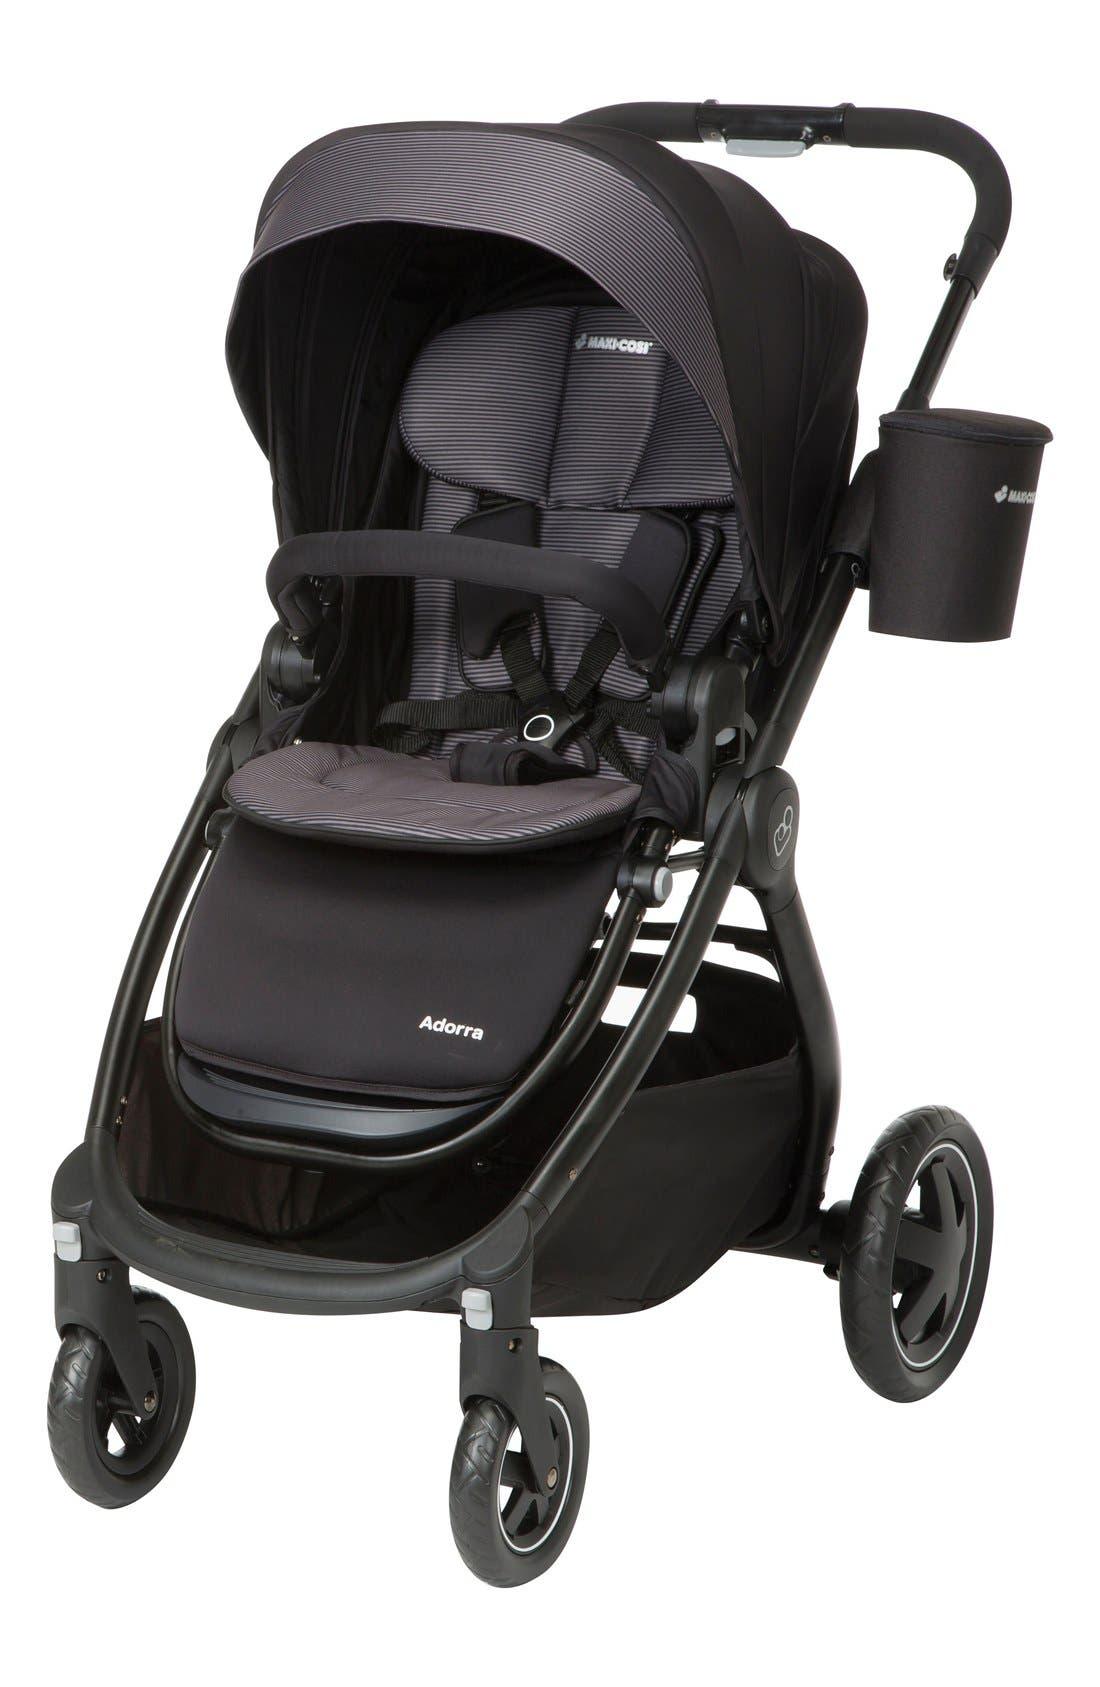 Alternate Image 1 Selected - Maxi-Cosi® Adorra Stroller